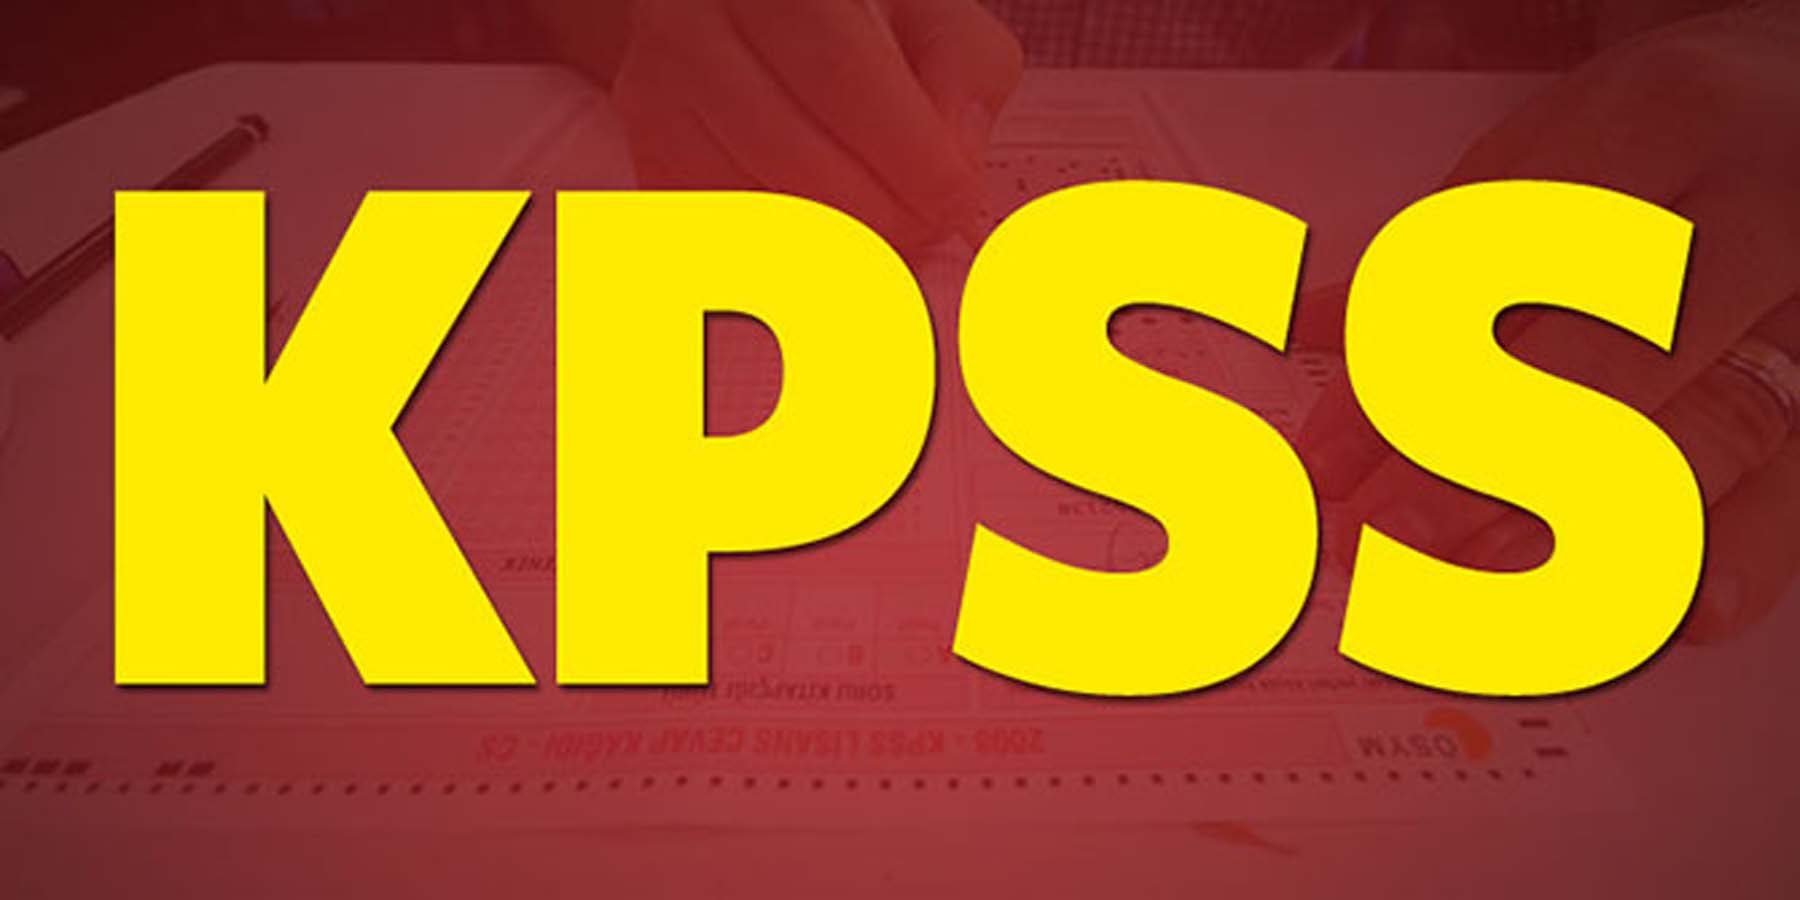 KPSS Tercihlerinde Yaşı Büyük Olana Öncelik